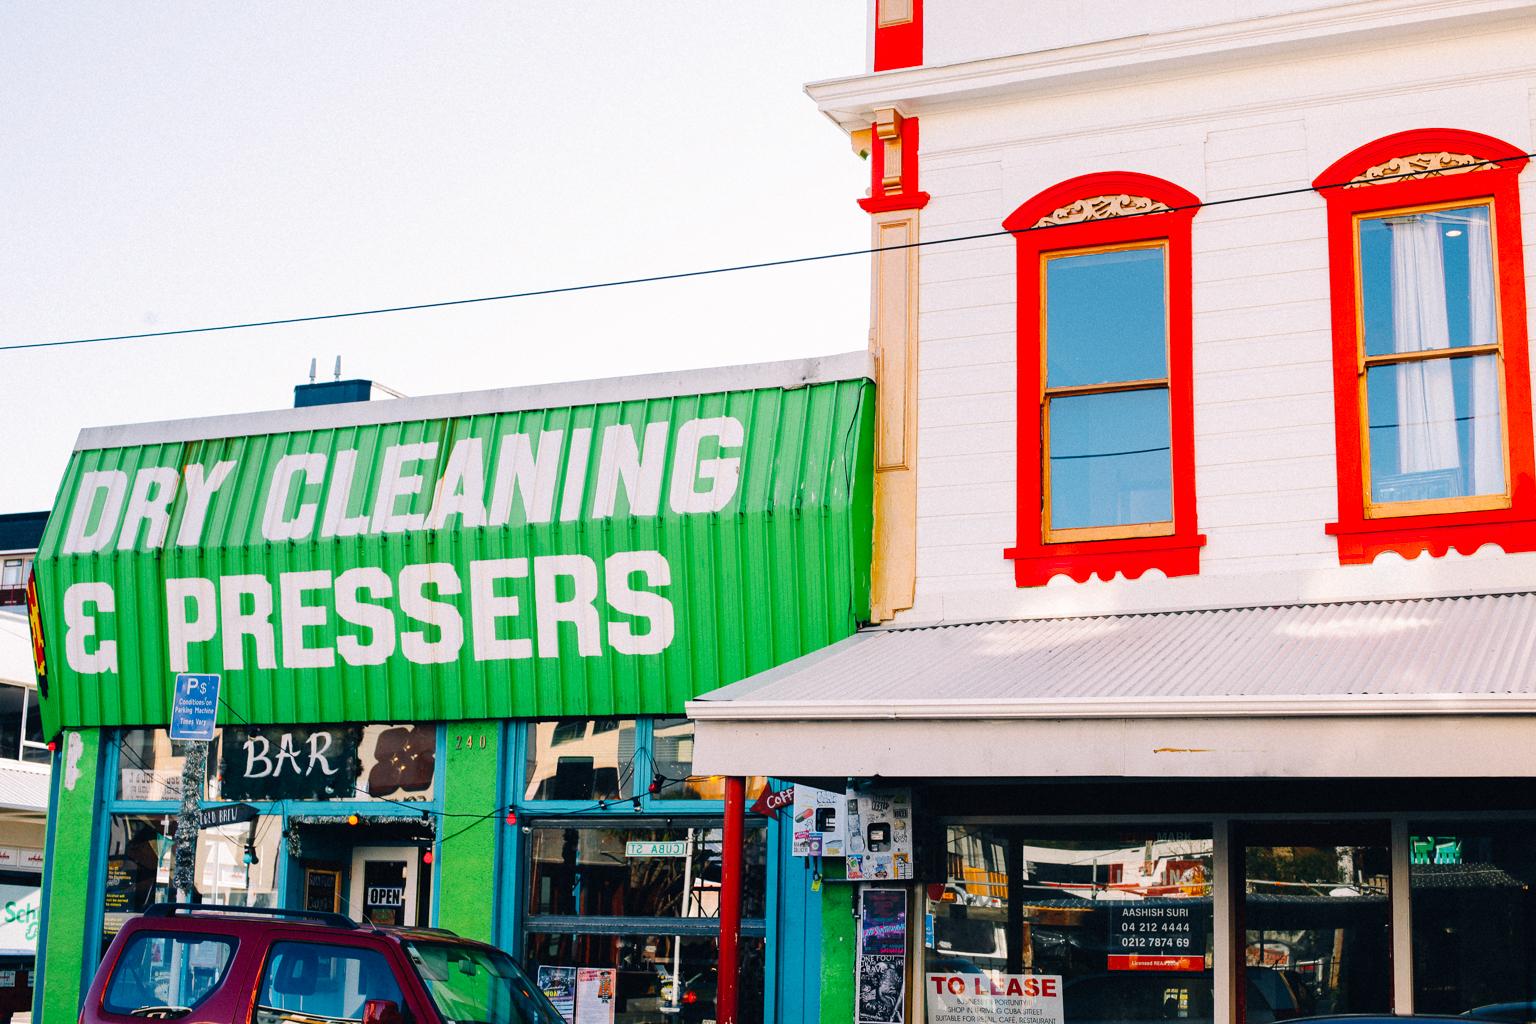 Wellington-on-a-good-day-webres-9017.jpg